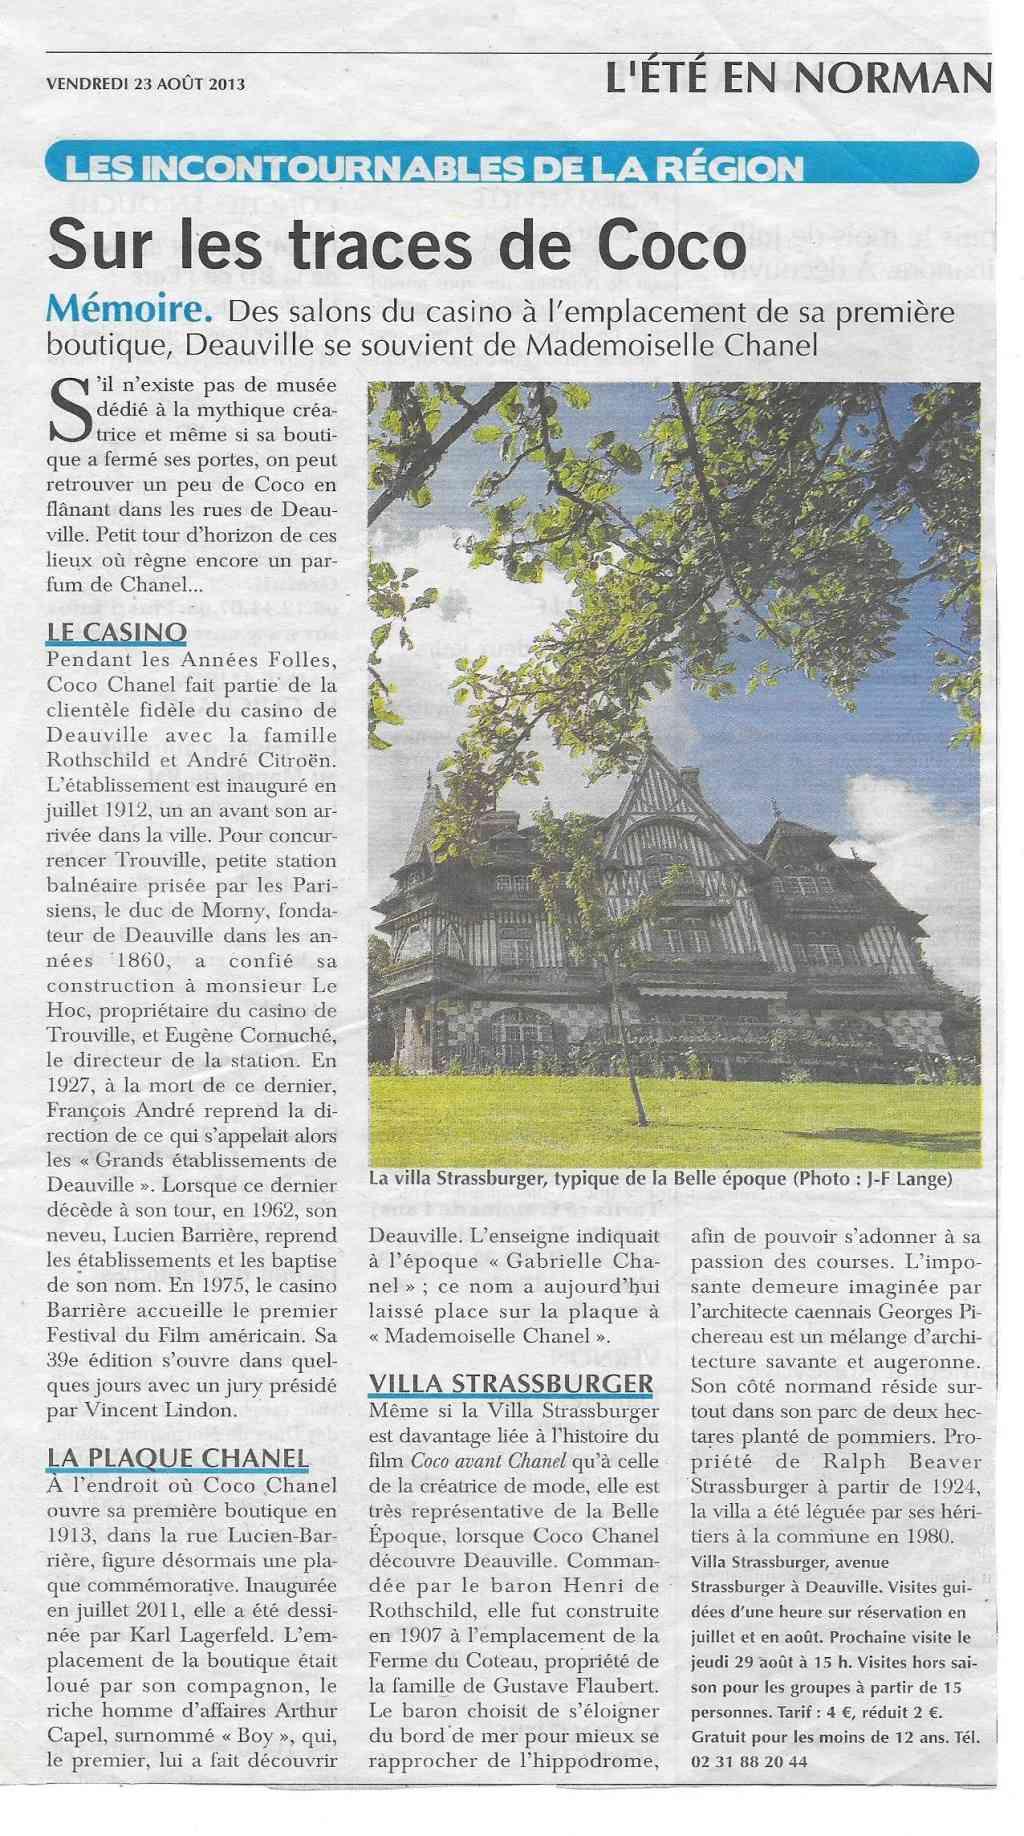 Histoire des communes - Deauville 623